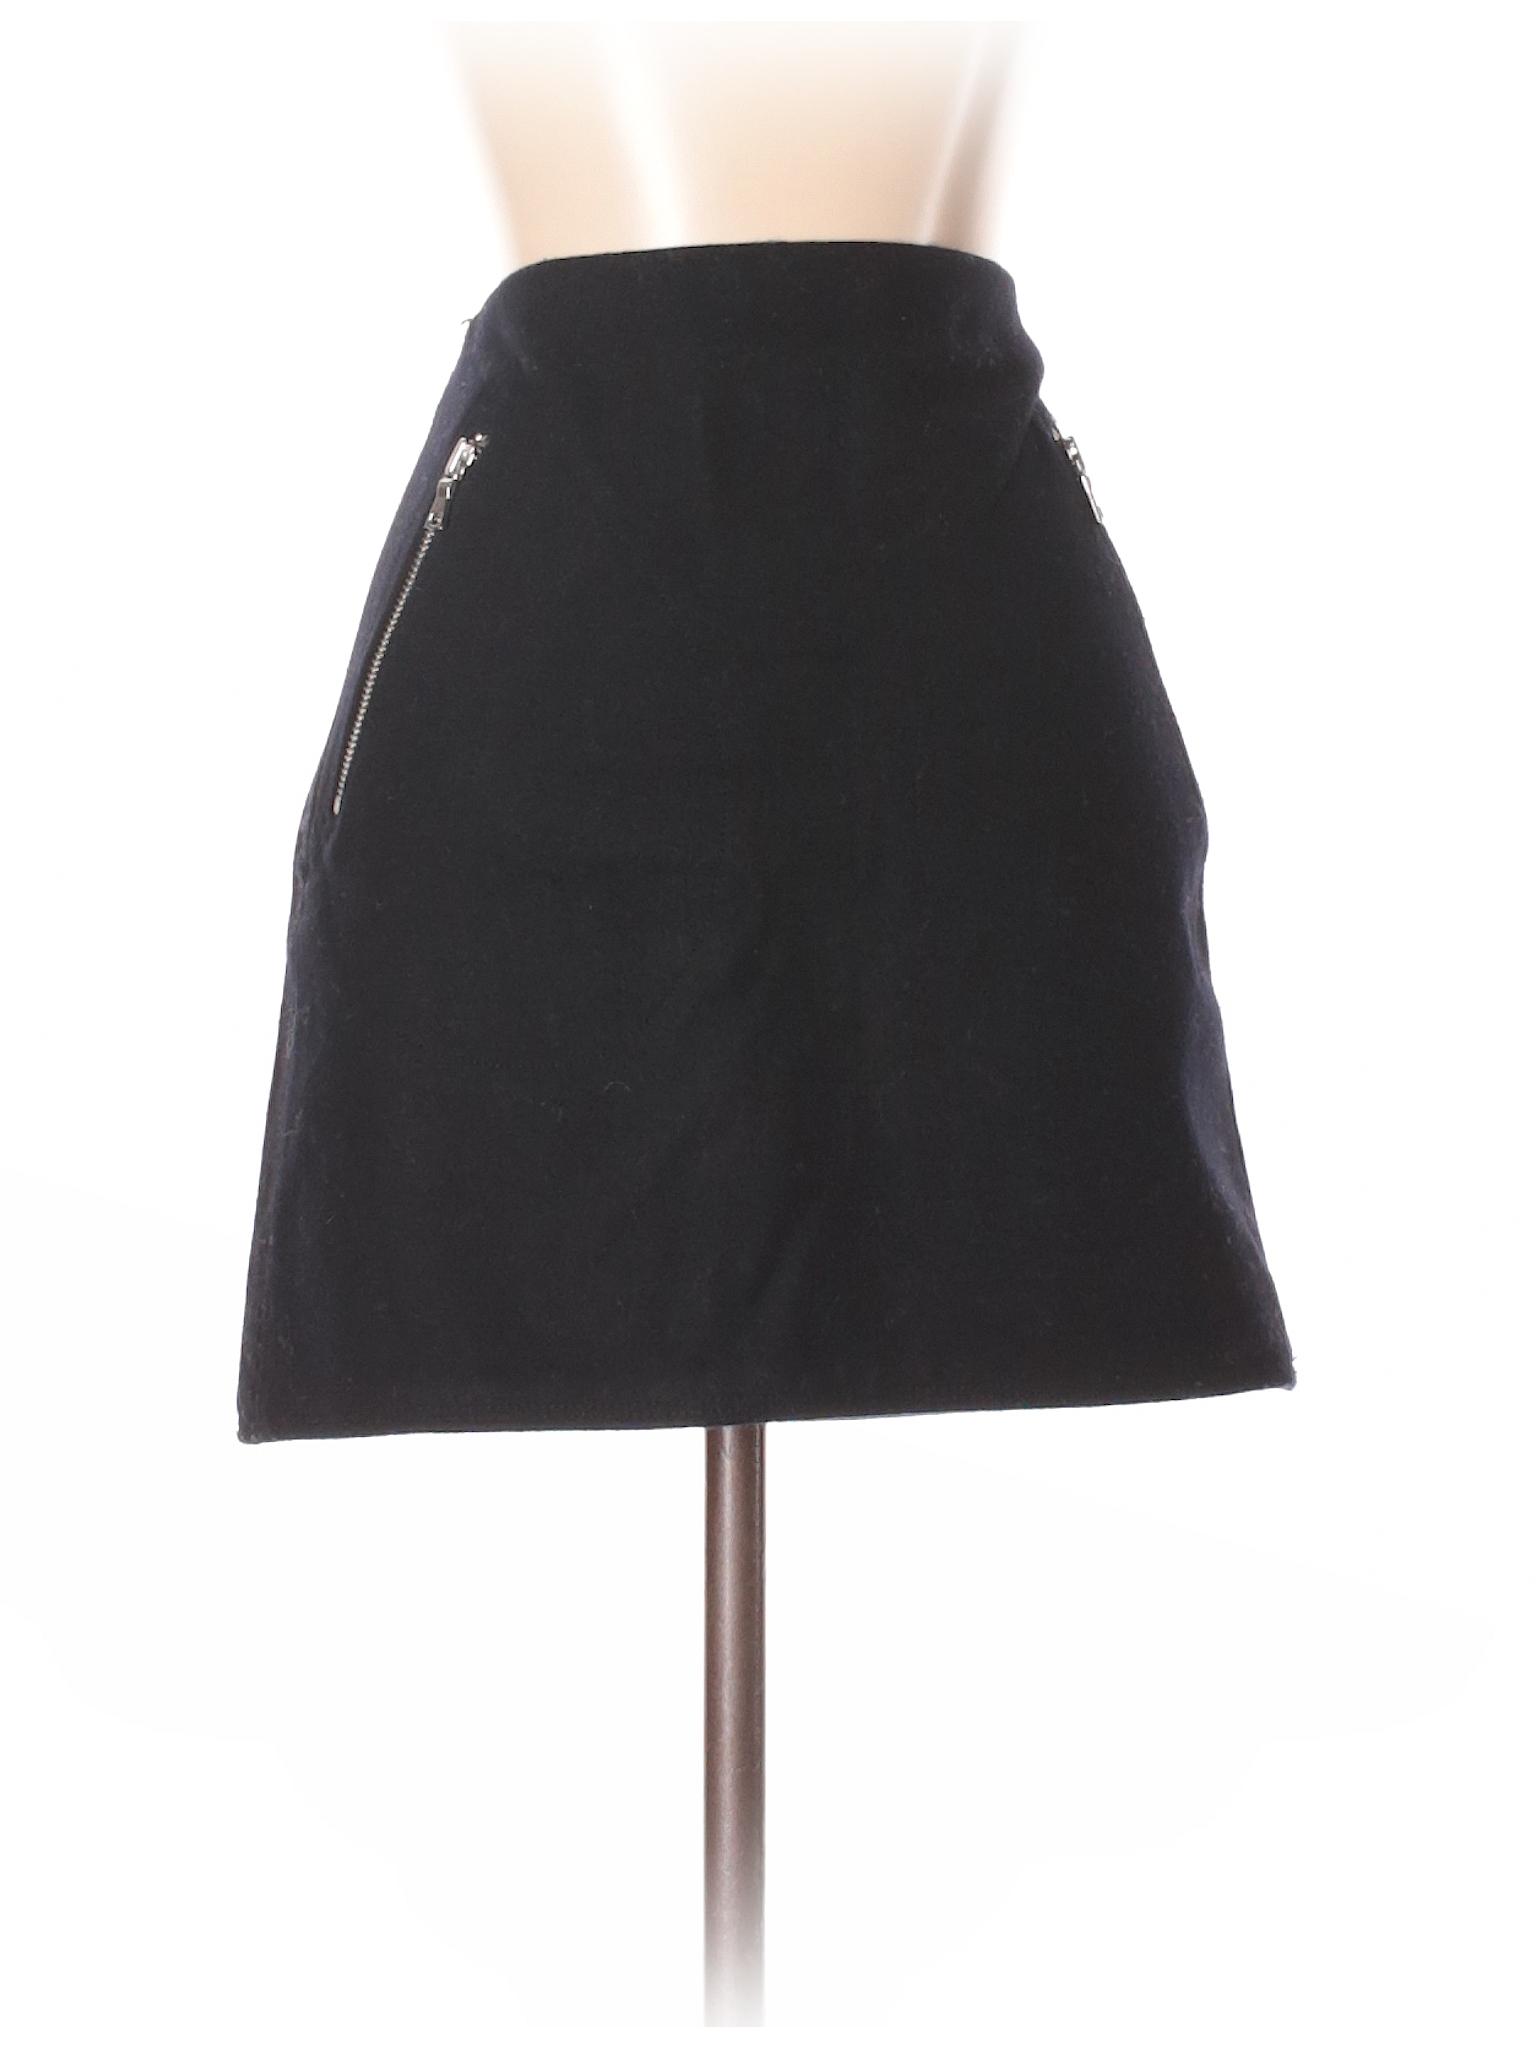 Skirt Leisure winter winter Wool Leisure Gap xwXOARSXYq